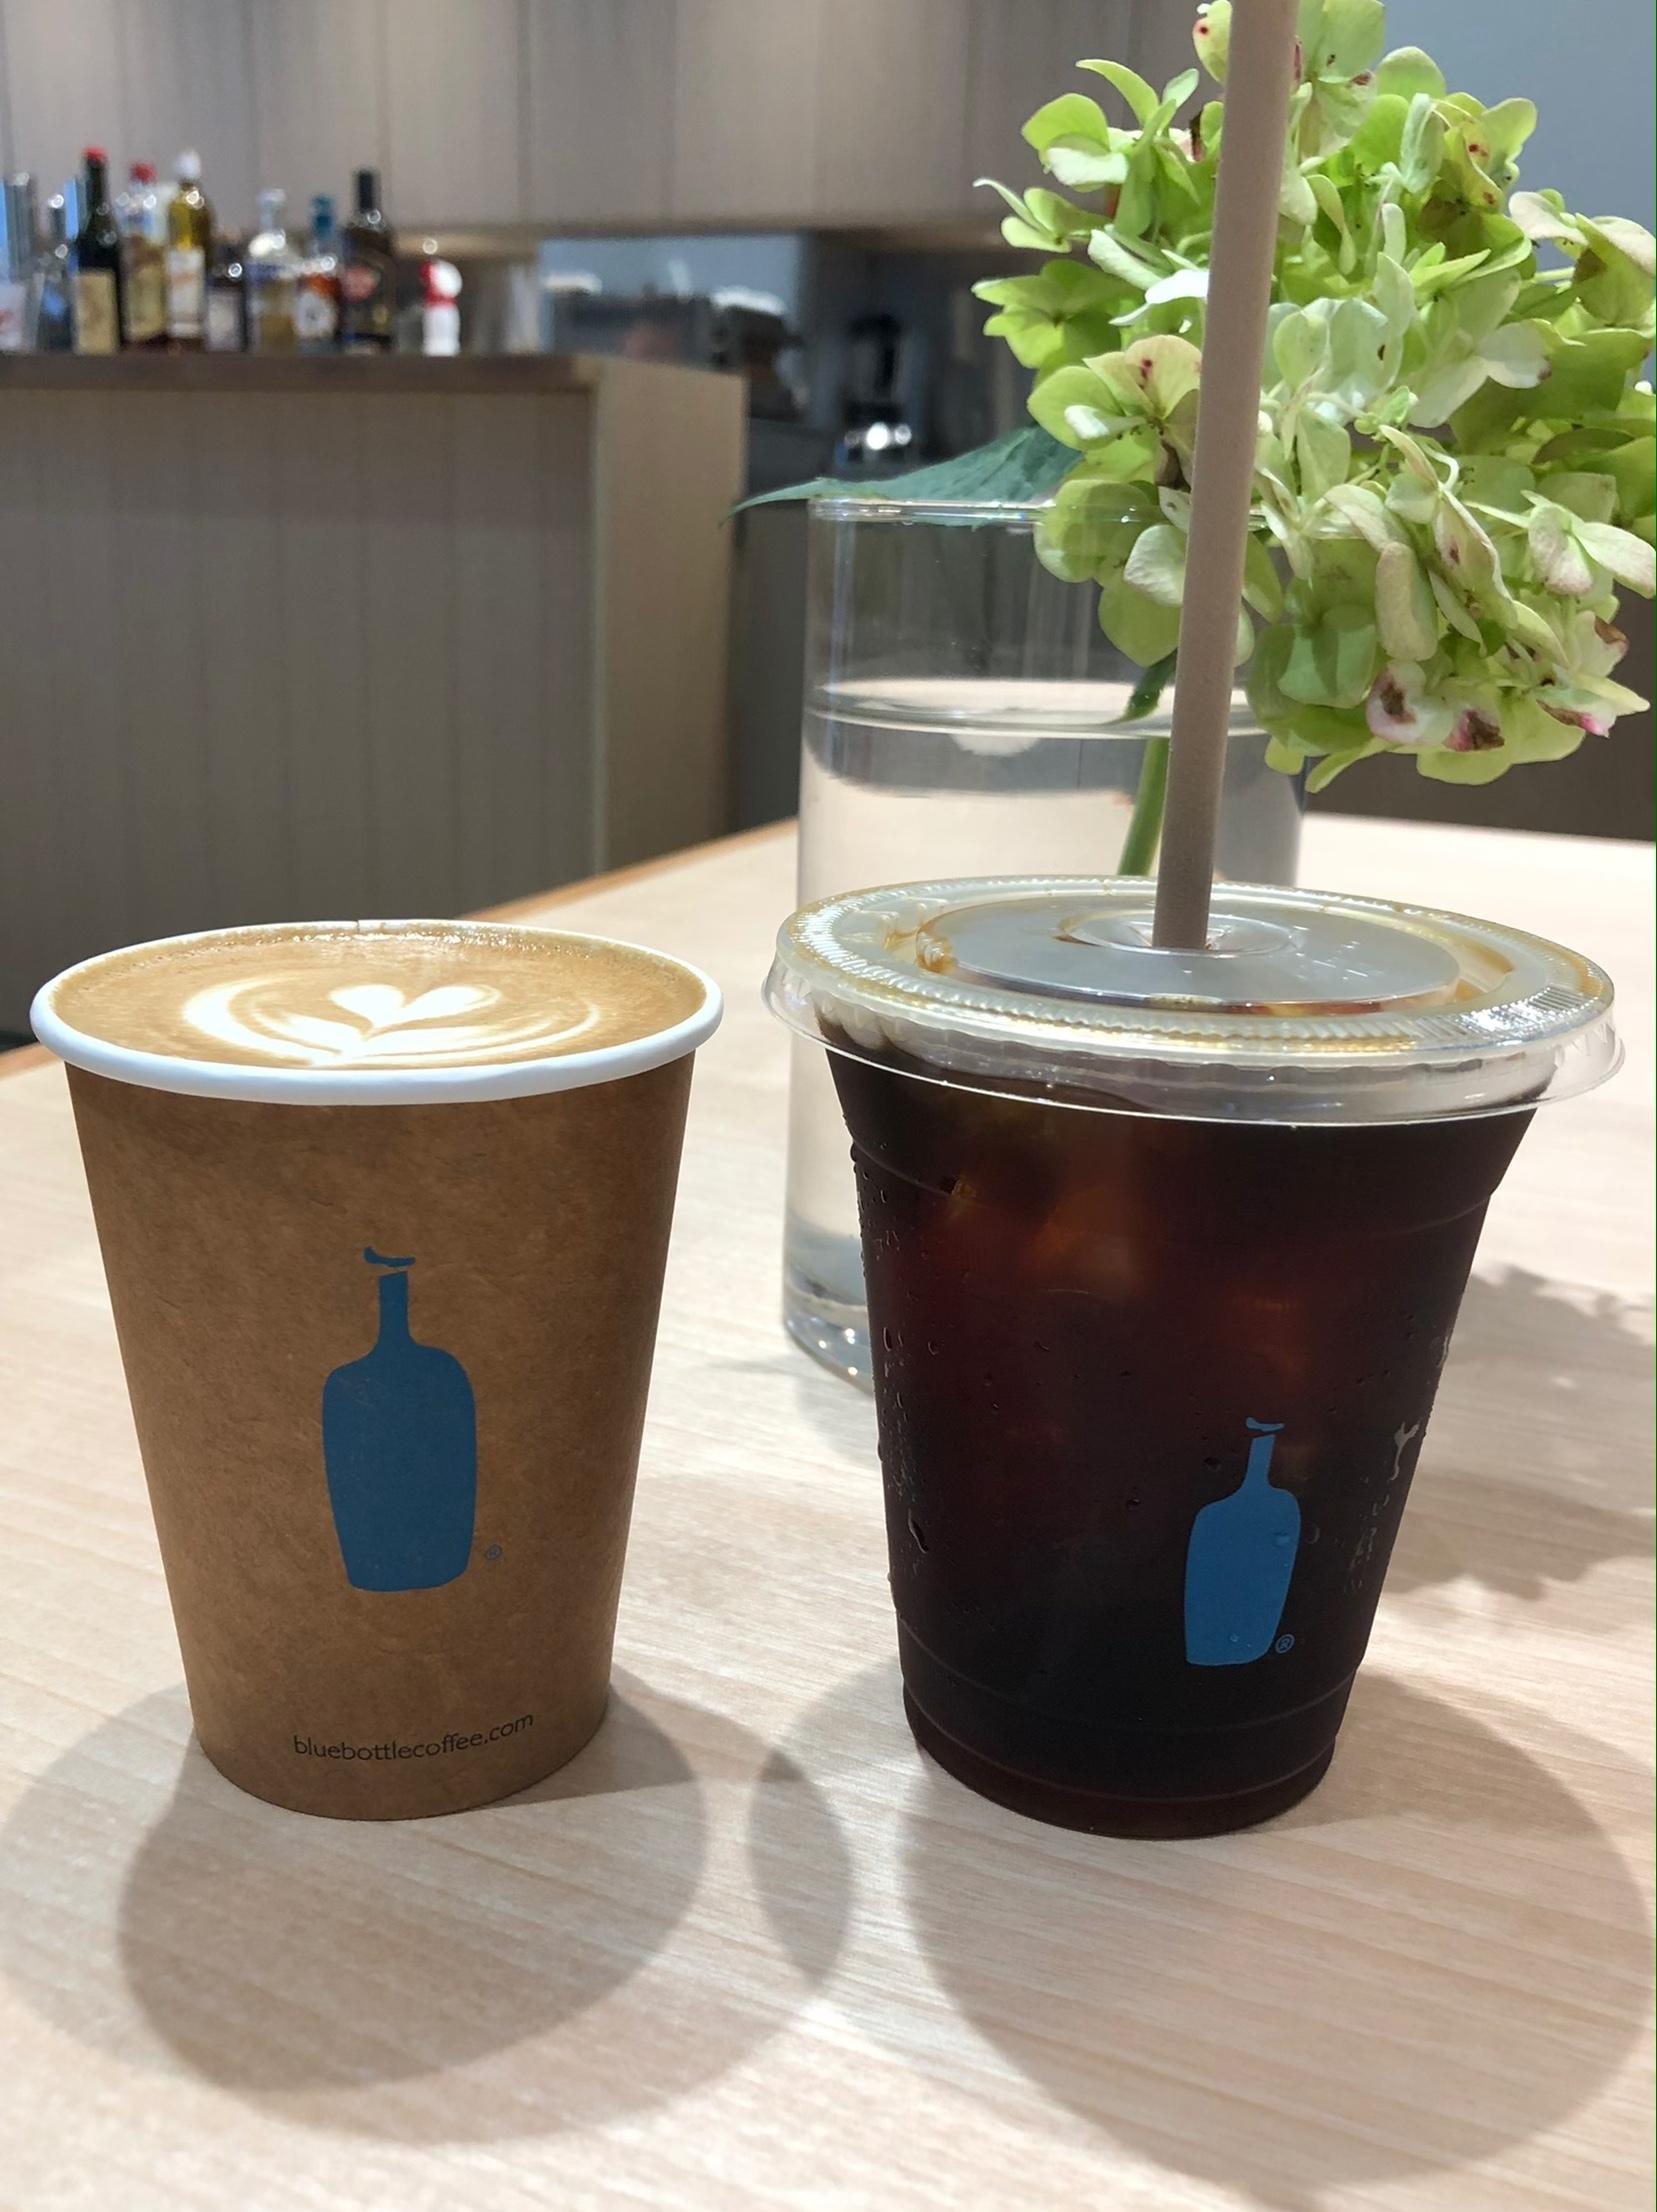 ブルーボトル コーヒー